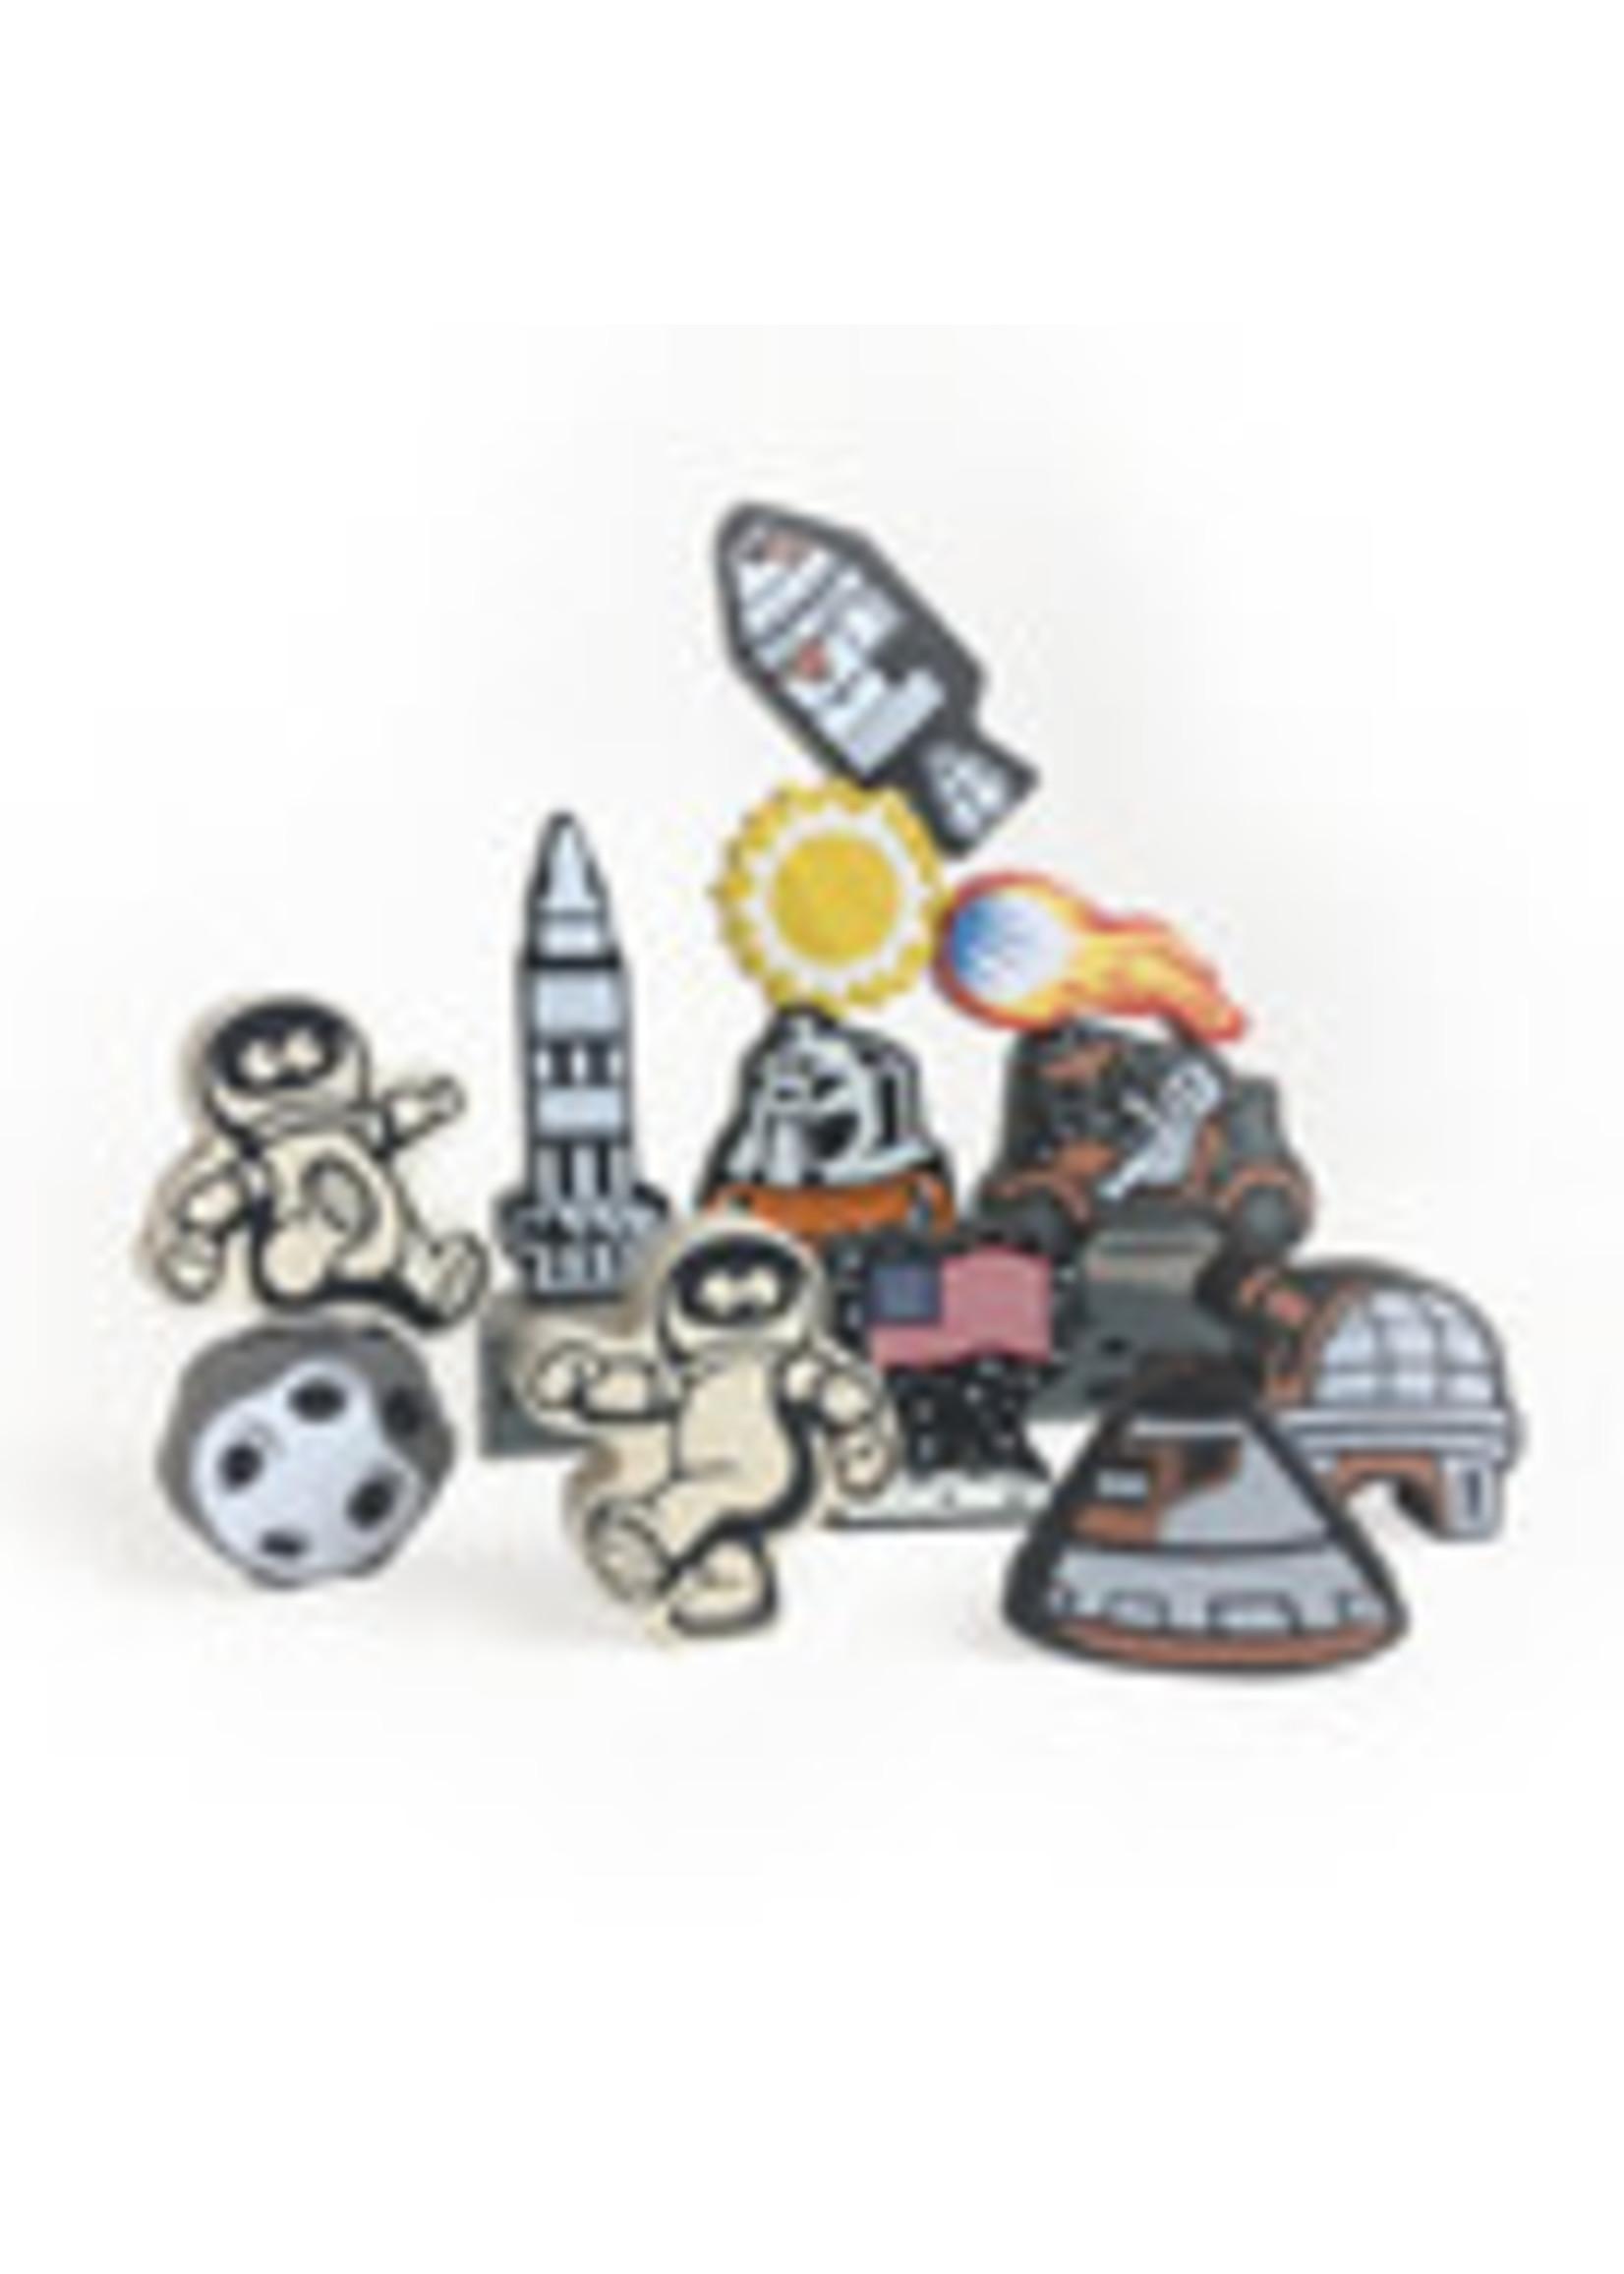 BeginAgain Beginagain Lunar Lander Balancing Game